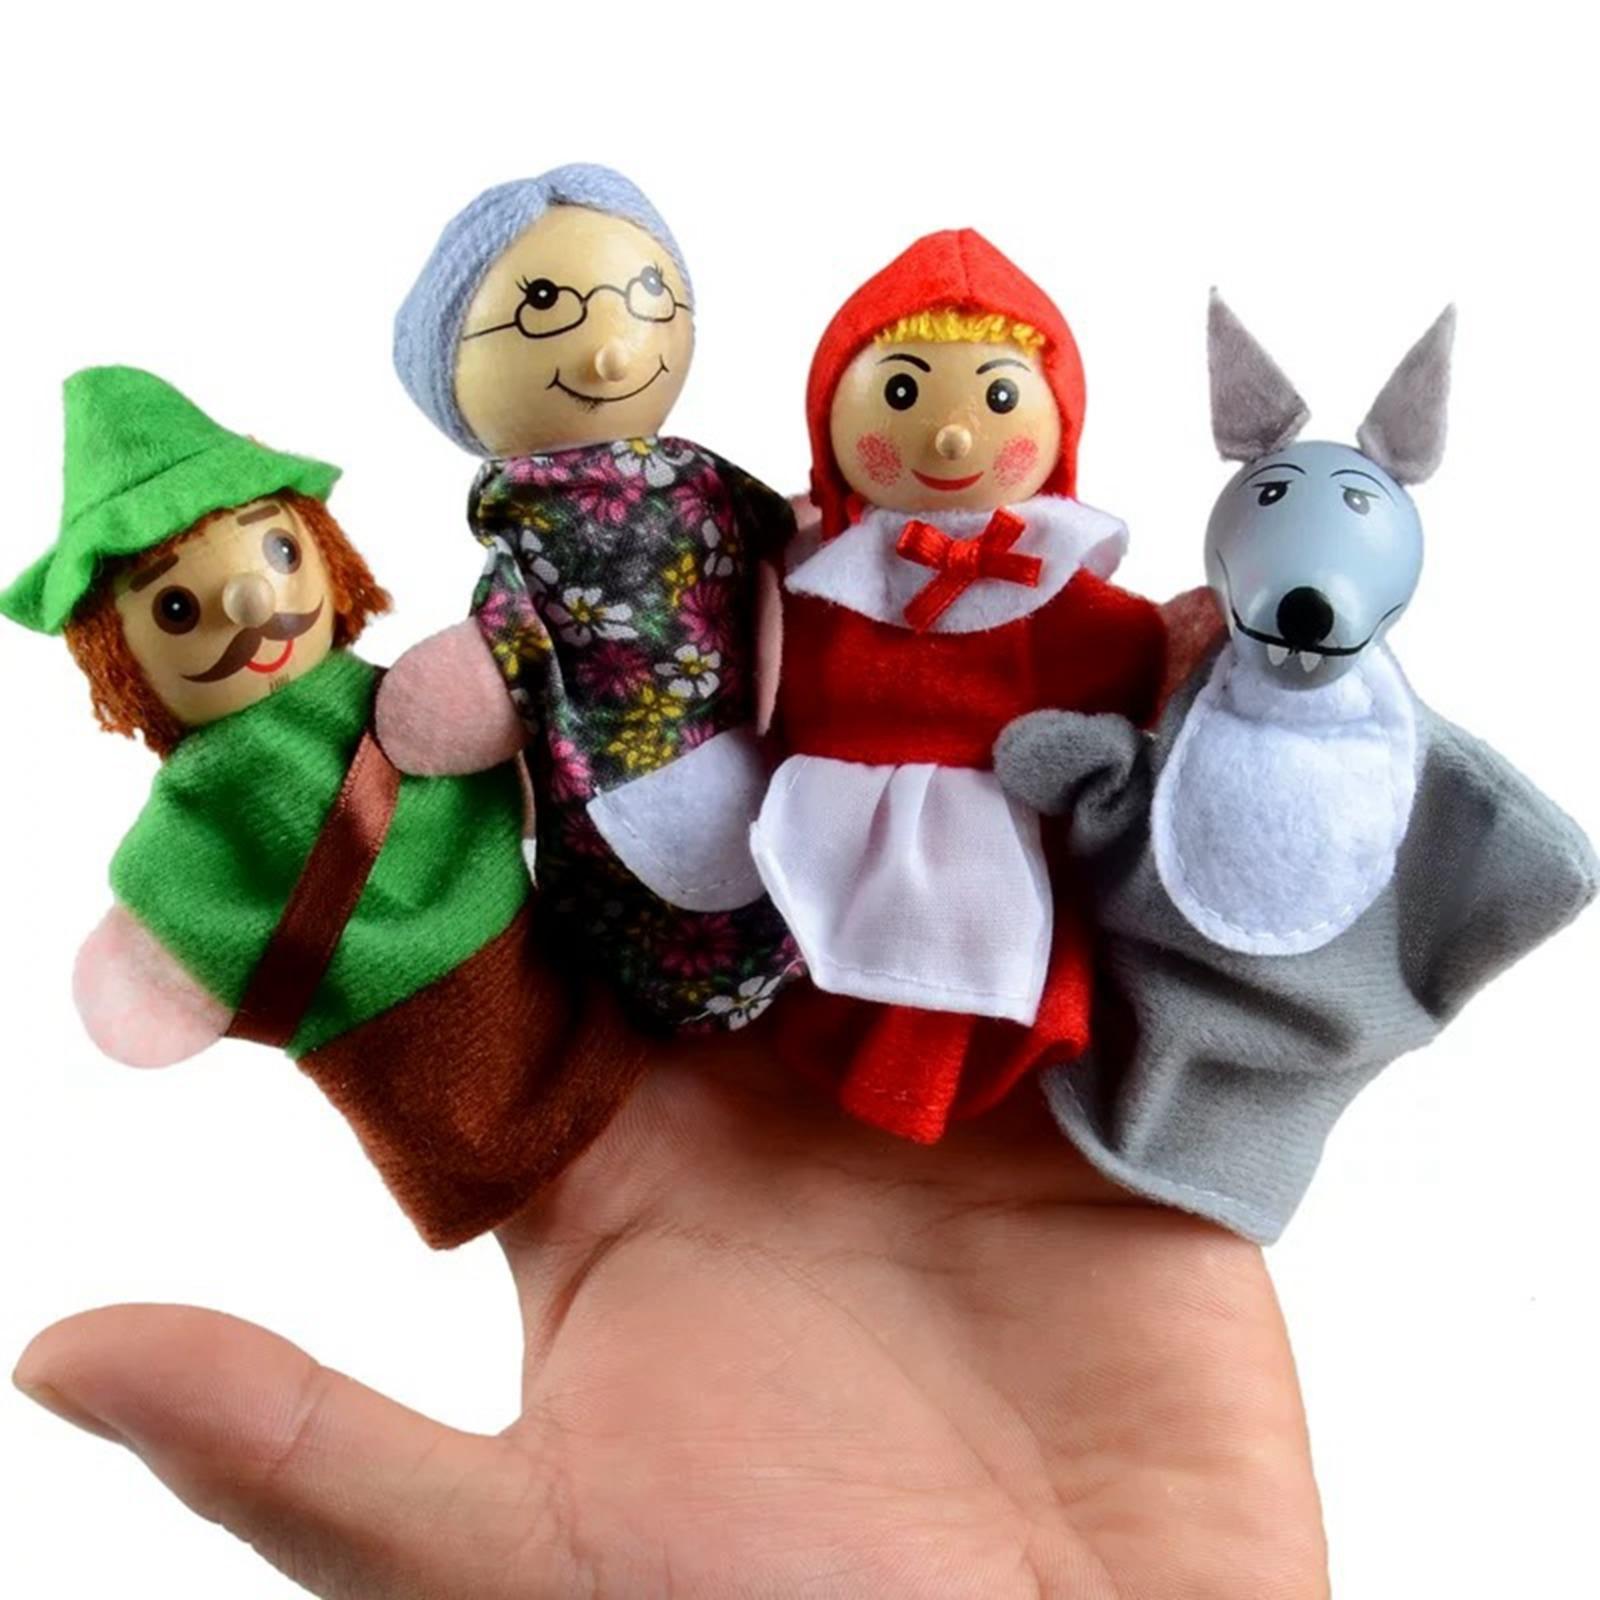 Finger Puppet Set - Little Red Riding Hood